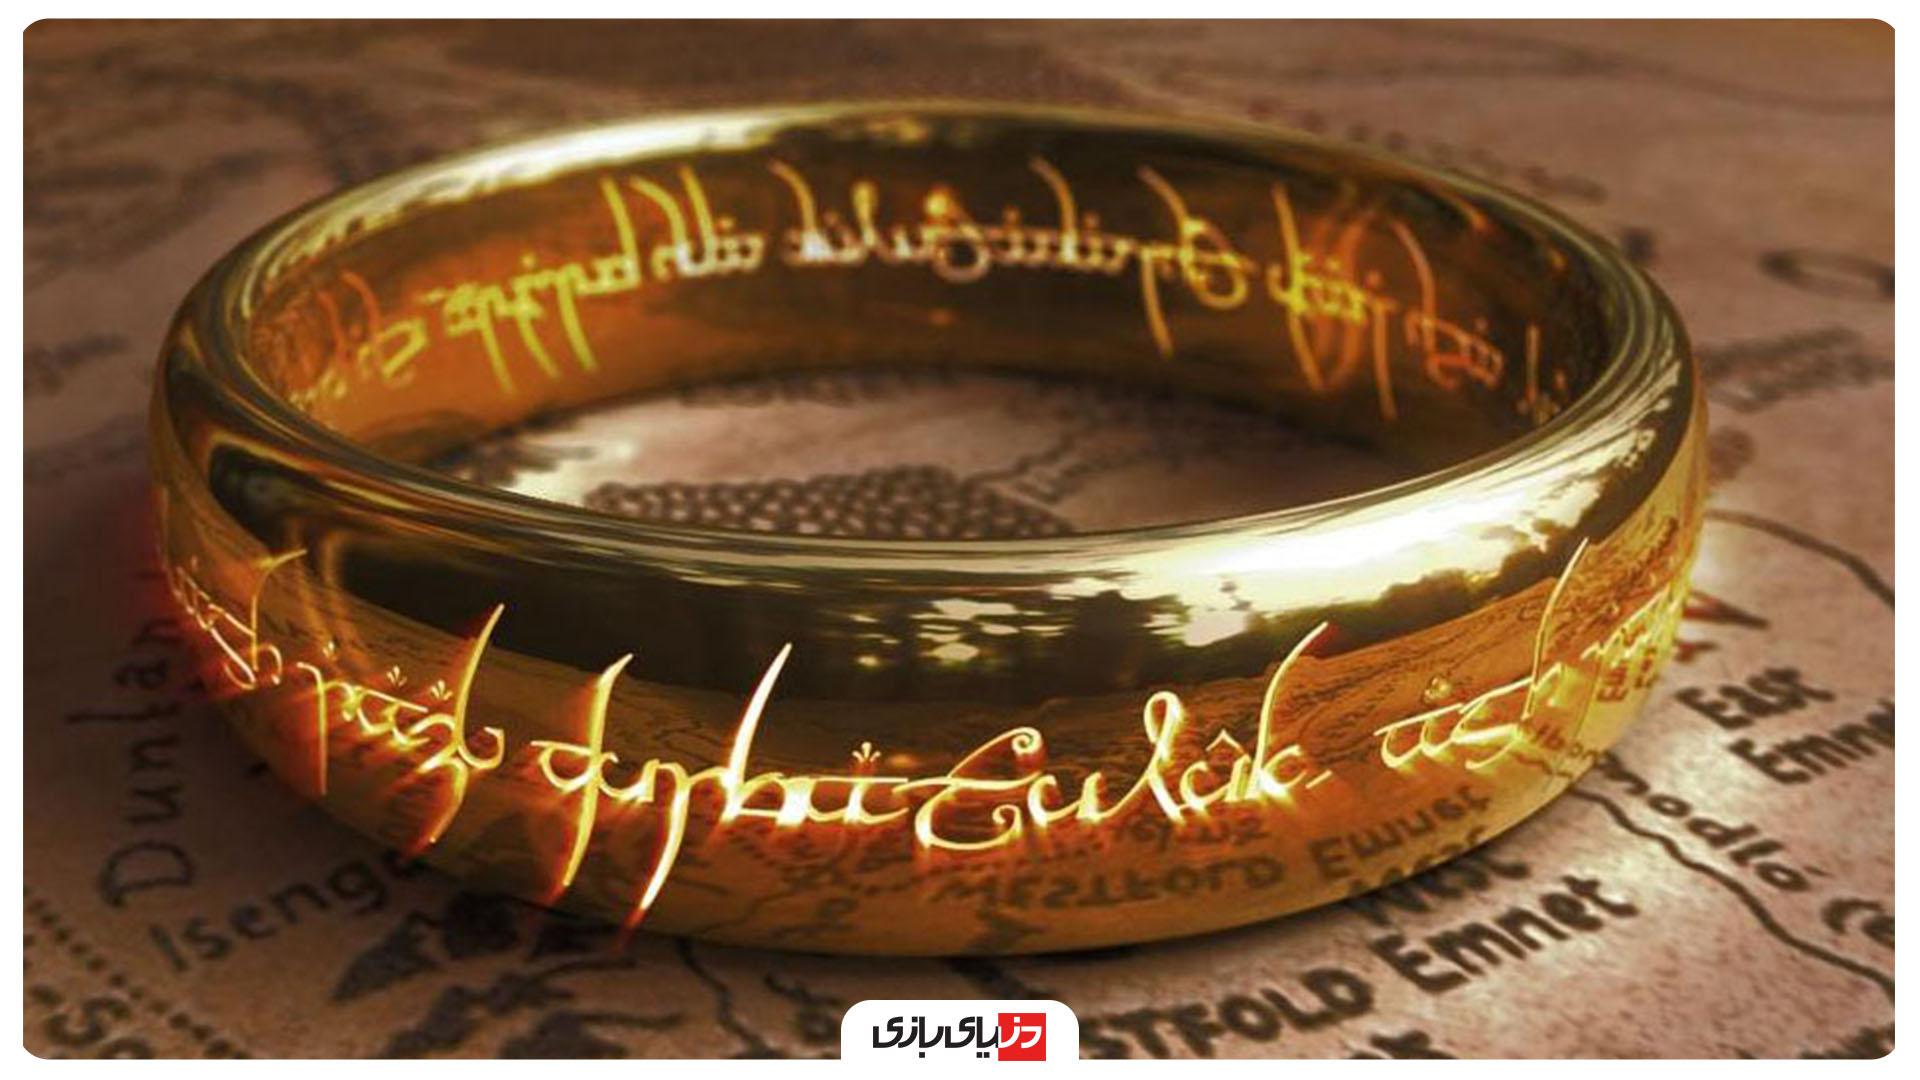 سریالهای مورد انتظار سال 2020 - 2021 که حتماً باید تماشا کنید - دانلود سریال - دانلود سریال The Lord of The Rings